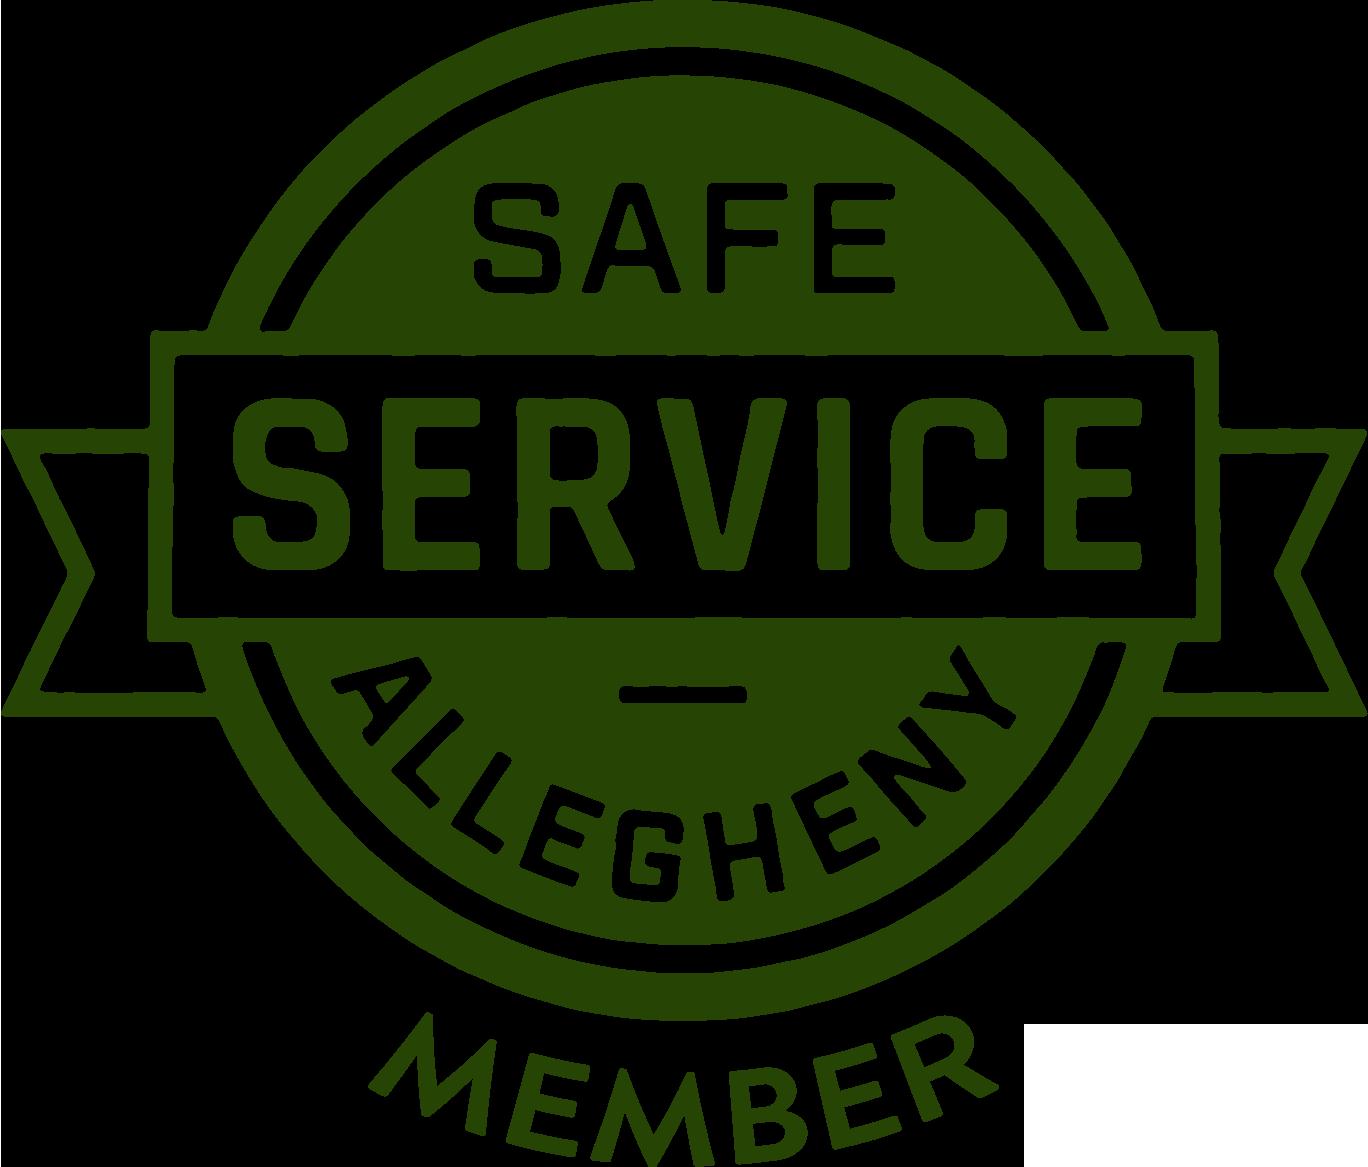 Safe Service Allegheny Member